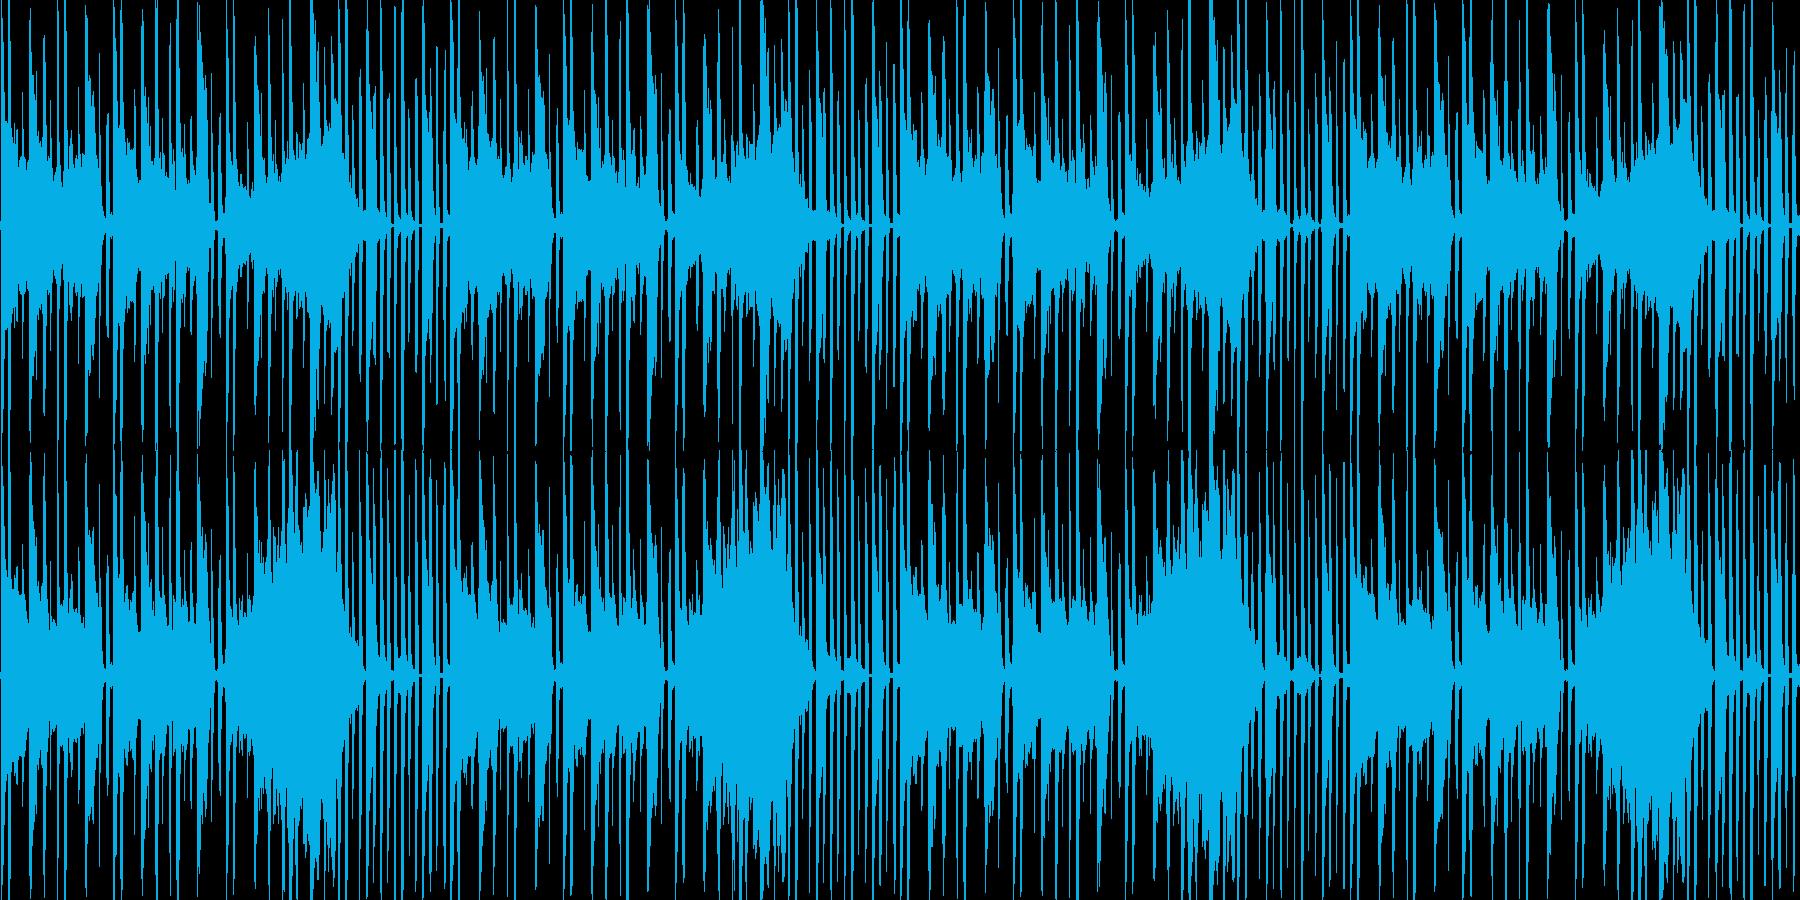 【近未来的雰囲気のHIPHOP】の再生済みの波形